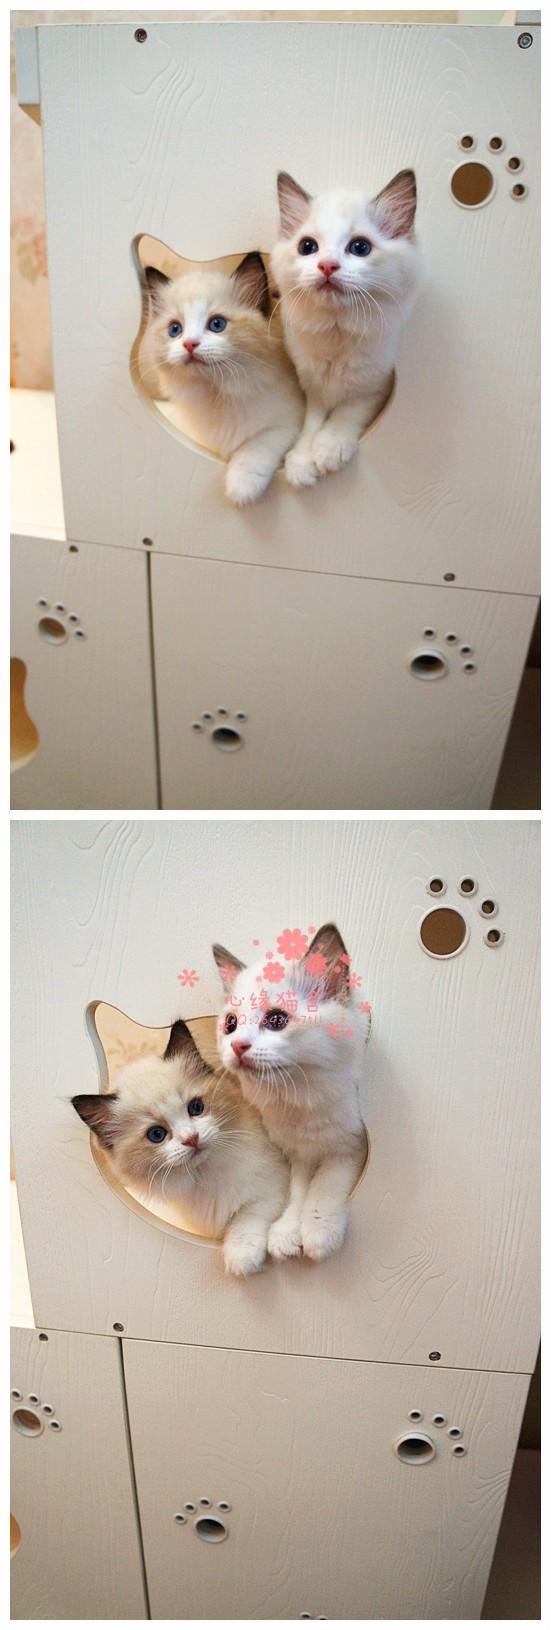 兰州哪里的布偶猫较便宜多少钱一只 兰州哪里有几百块钱布偶猫